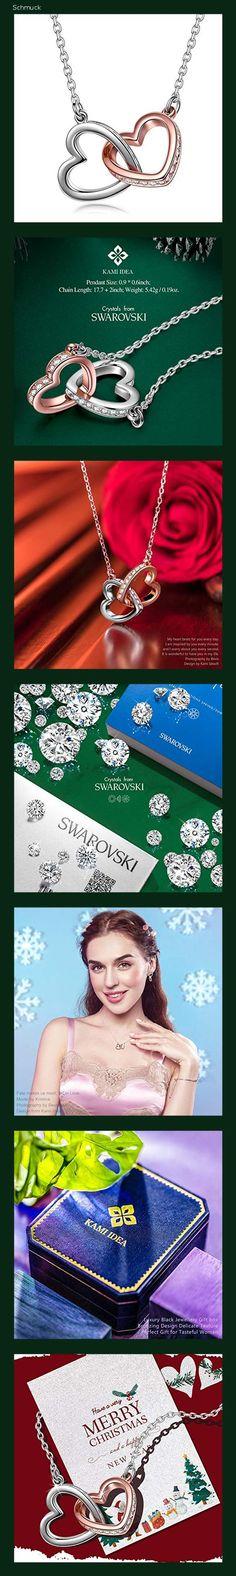 Kami Idea Halskette Damen - Mein Schicksal - Herz zu Herz Anhänger, Kristalle von Swarovski, Rosegold Damen Modeschmuck, Geschenkverpakung - 14hc